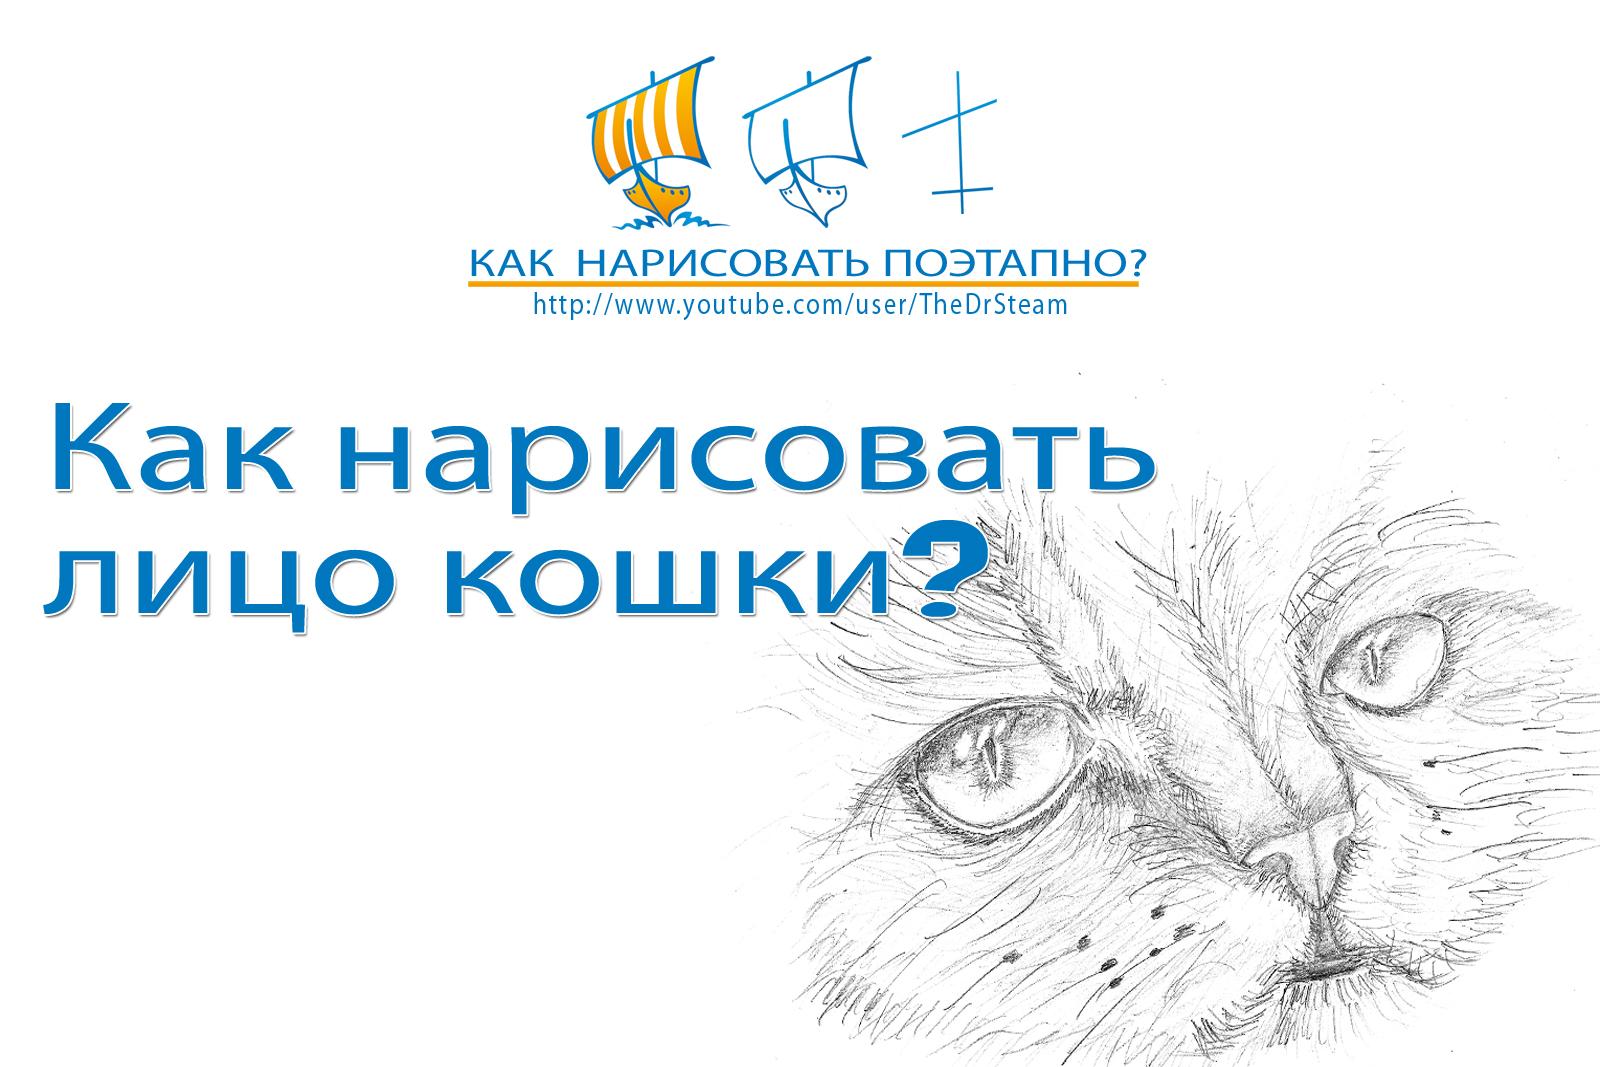 Видео: как нарисовать лицо кошки